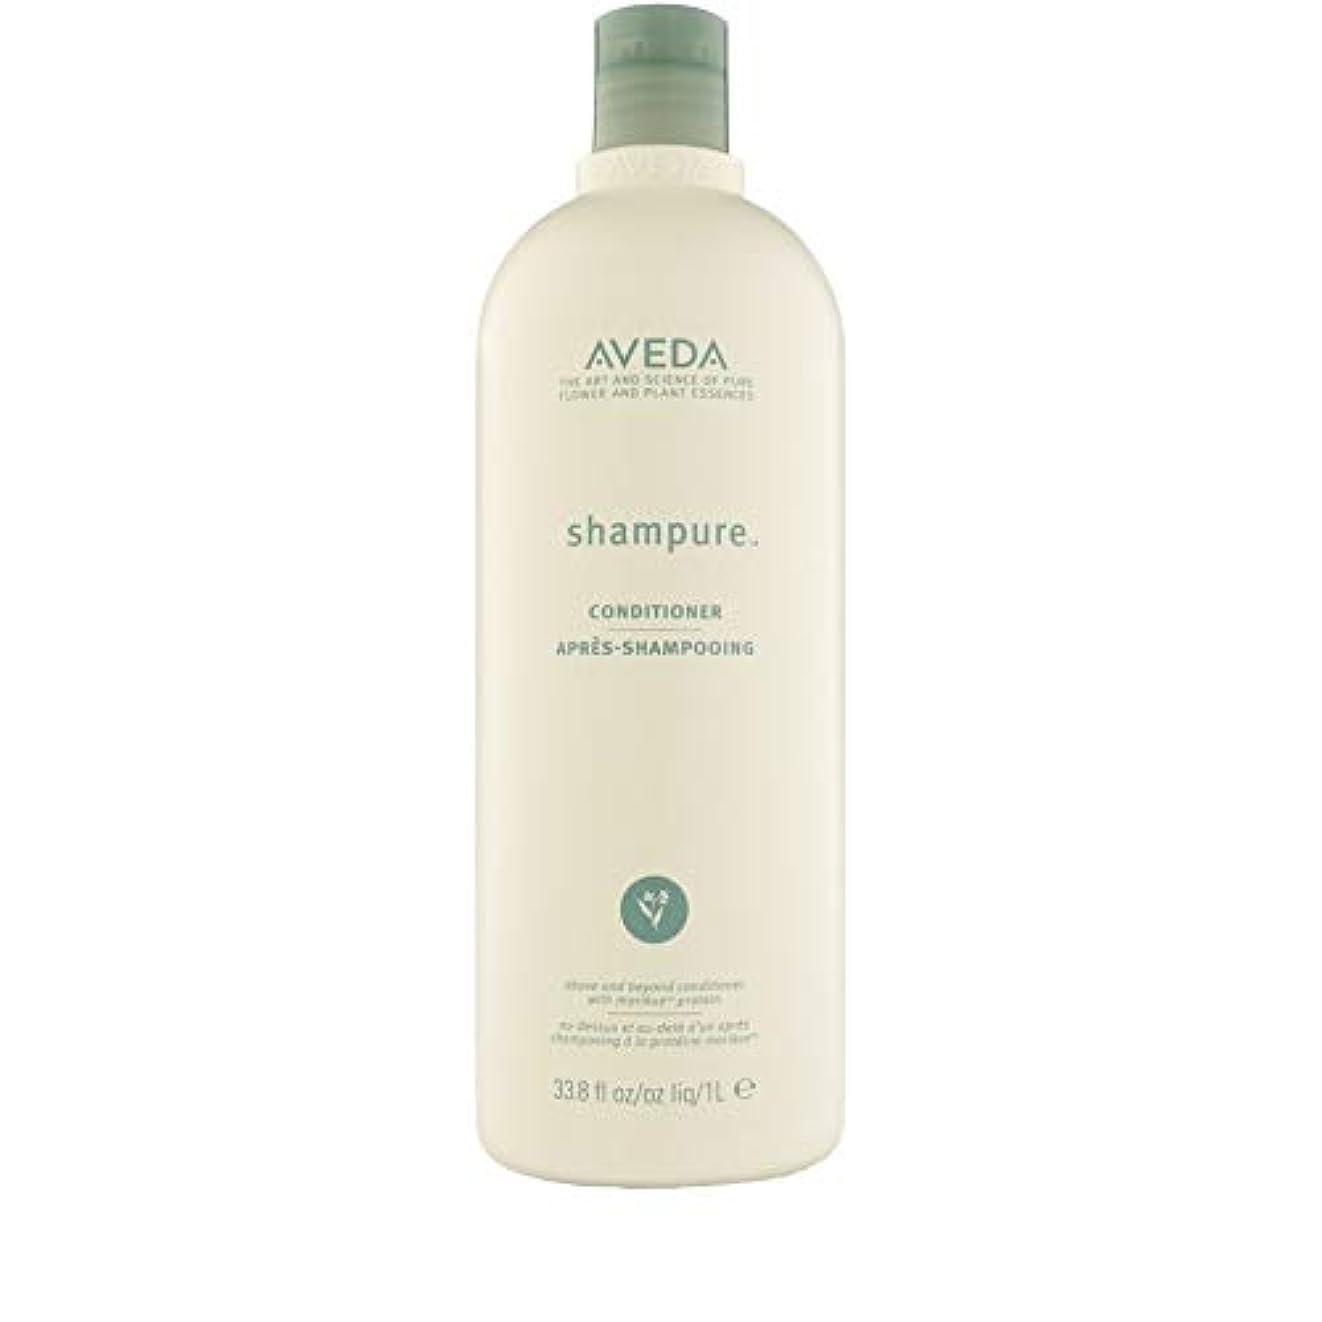 ヒント値するビン[AVEDA ] アヴェダShampureコンディショナー1リットル - Aveda Shampure Conditioner 1L [並行輸入品]